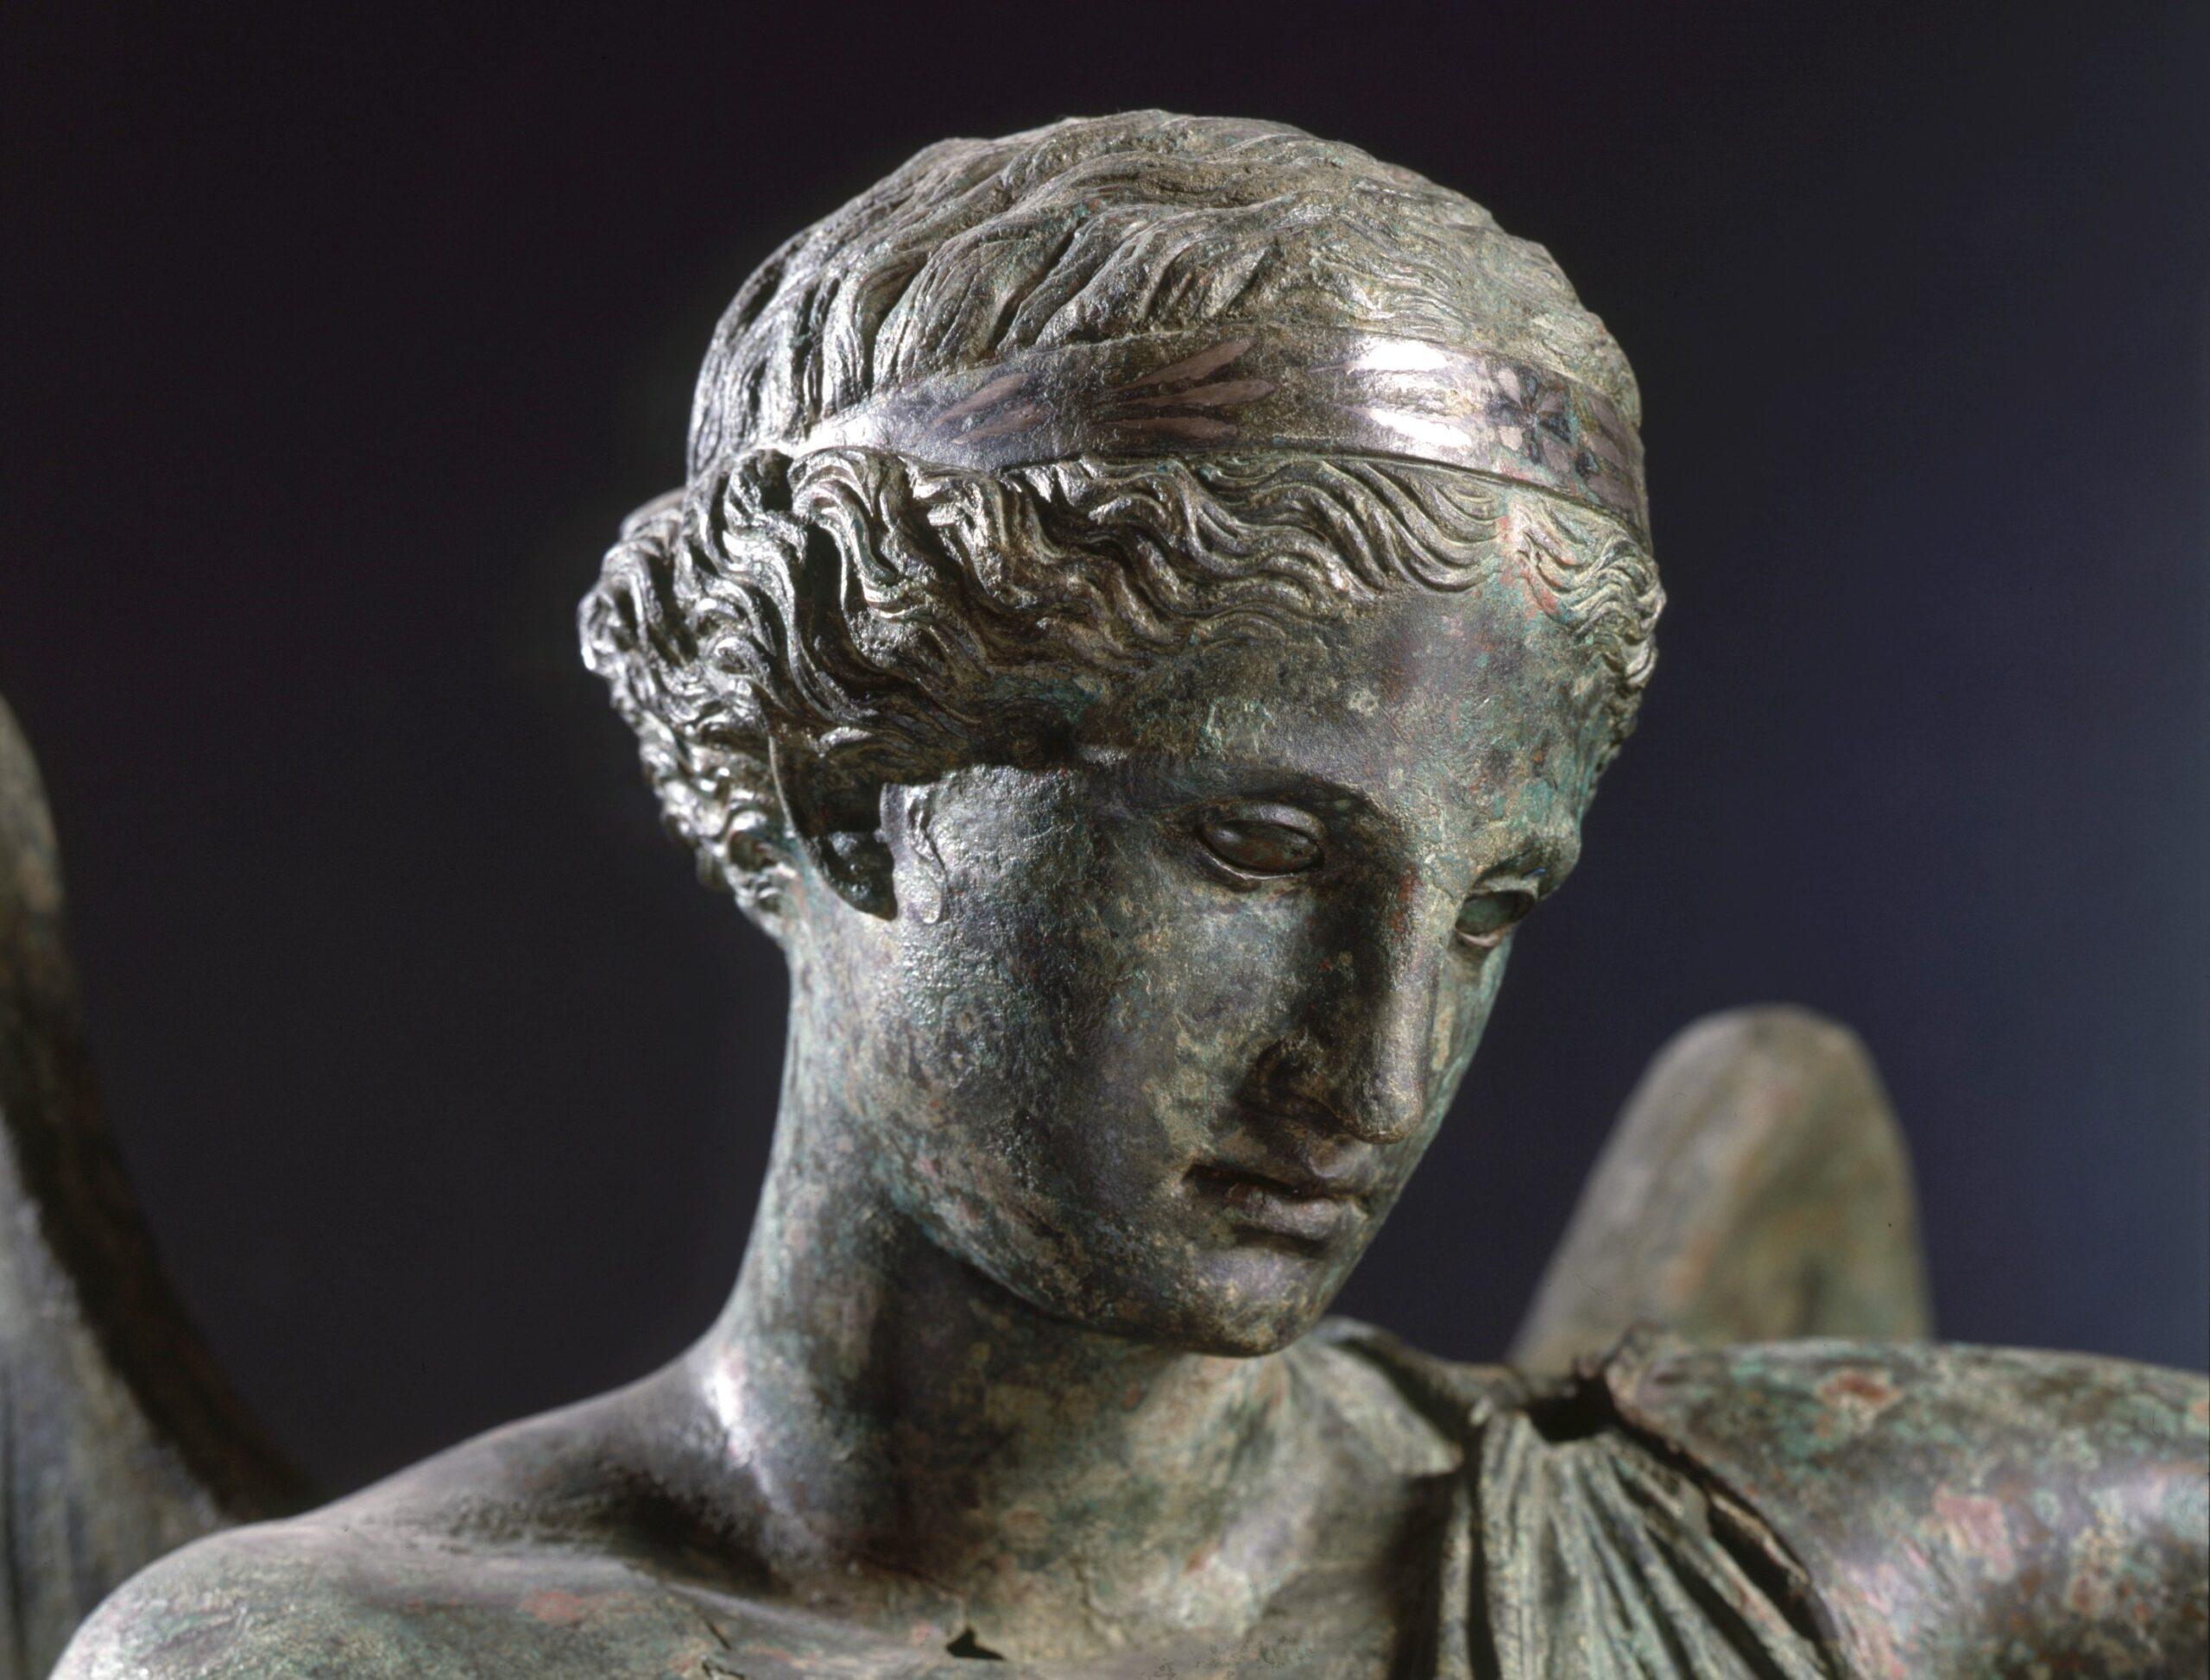 Sulle ali della Vittoria. La rinascita di Brescia attraverso la cultura. Intervista a Stefano Karadjov